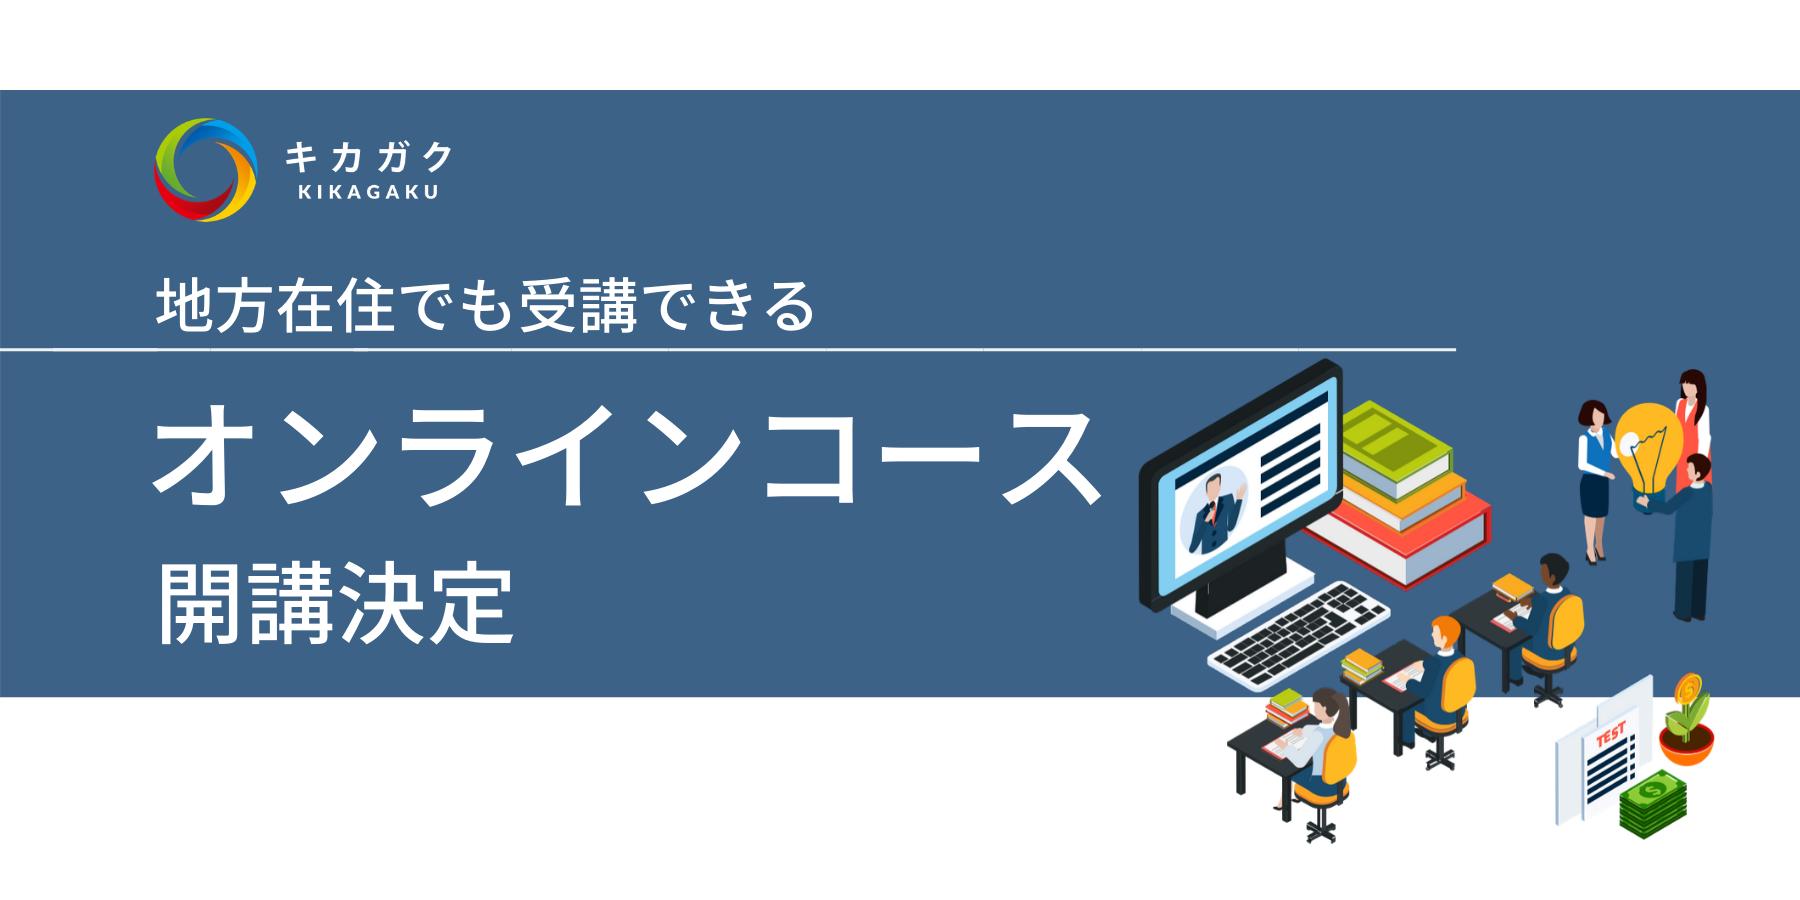 【地方在住の方必見】オンライン長期コース開講のお知らせ